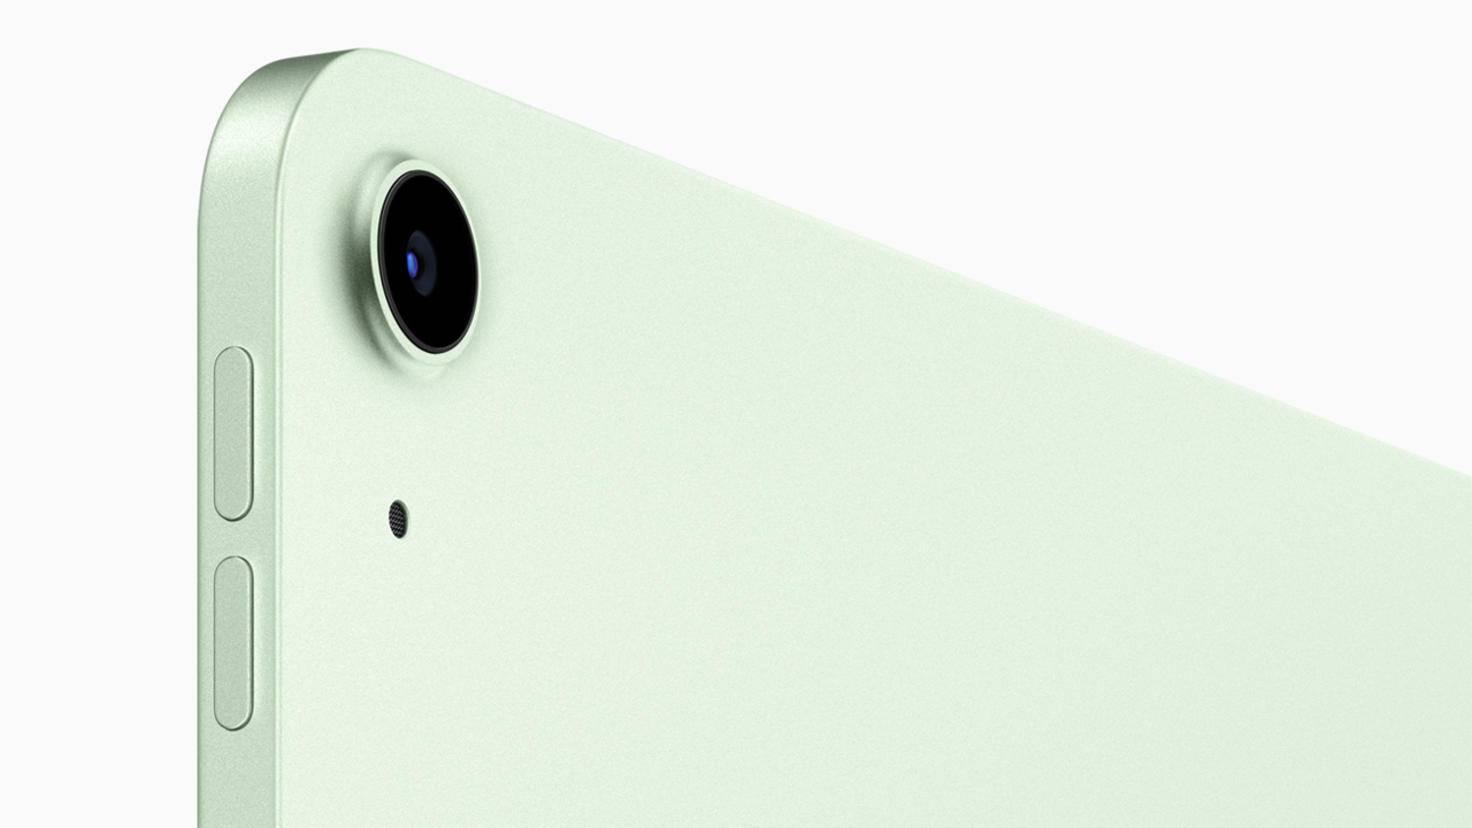 iPad Air 4 camera